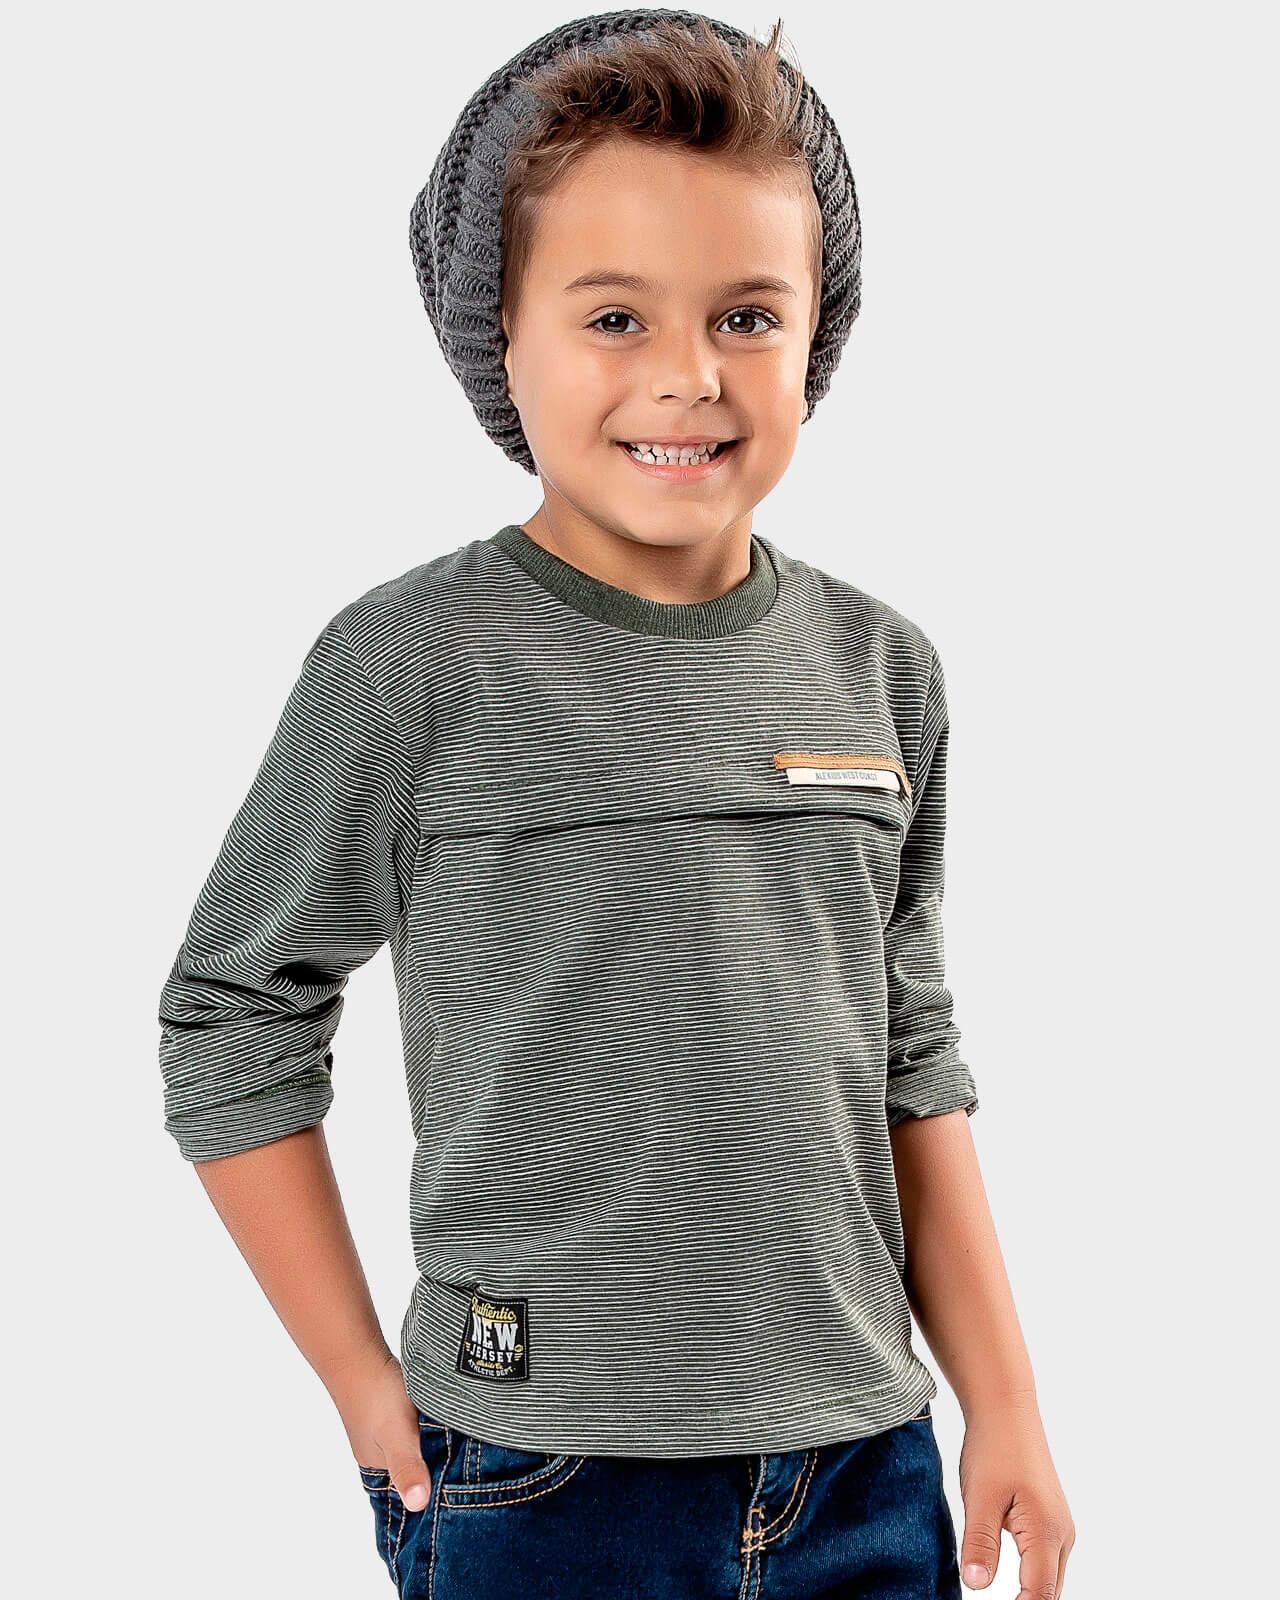 Camiseta Infantil Alekids New Jersey